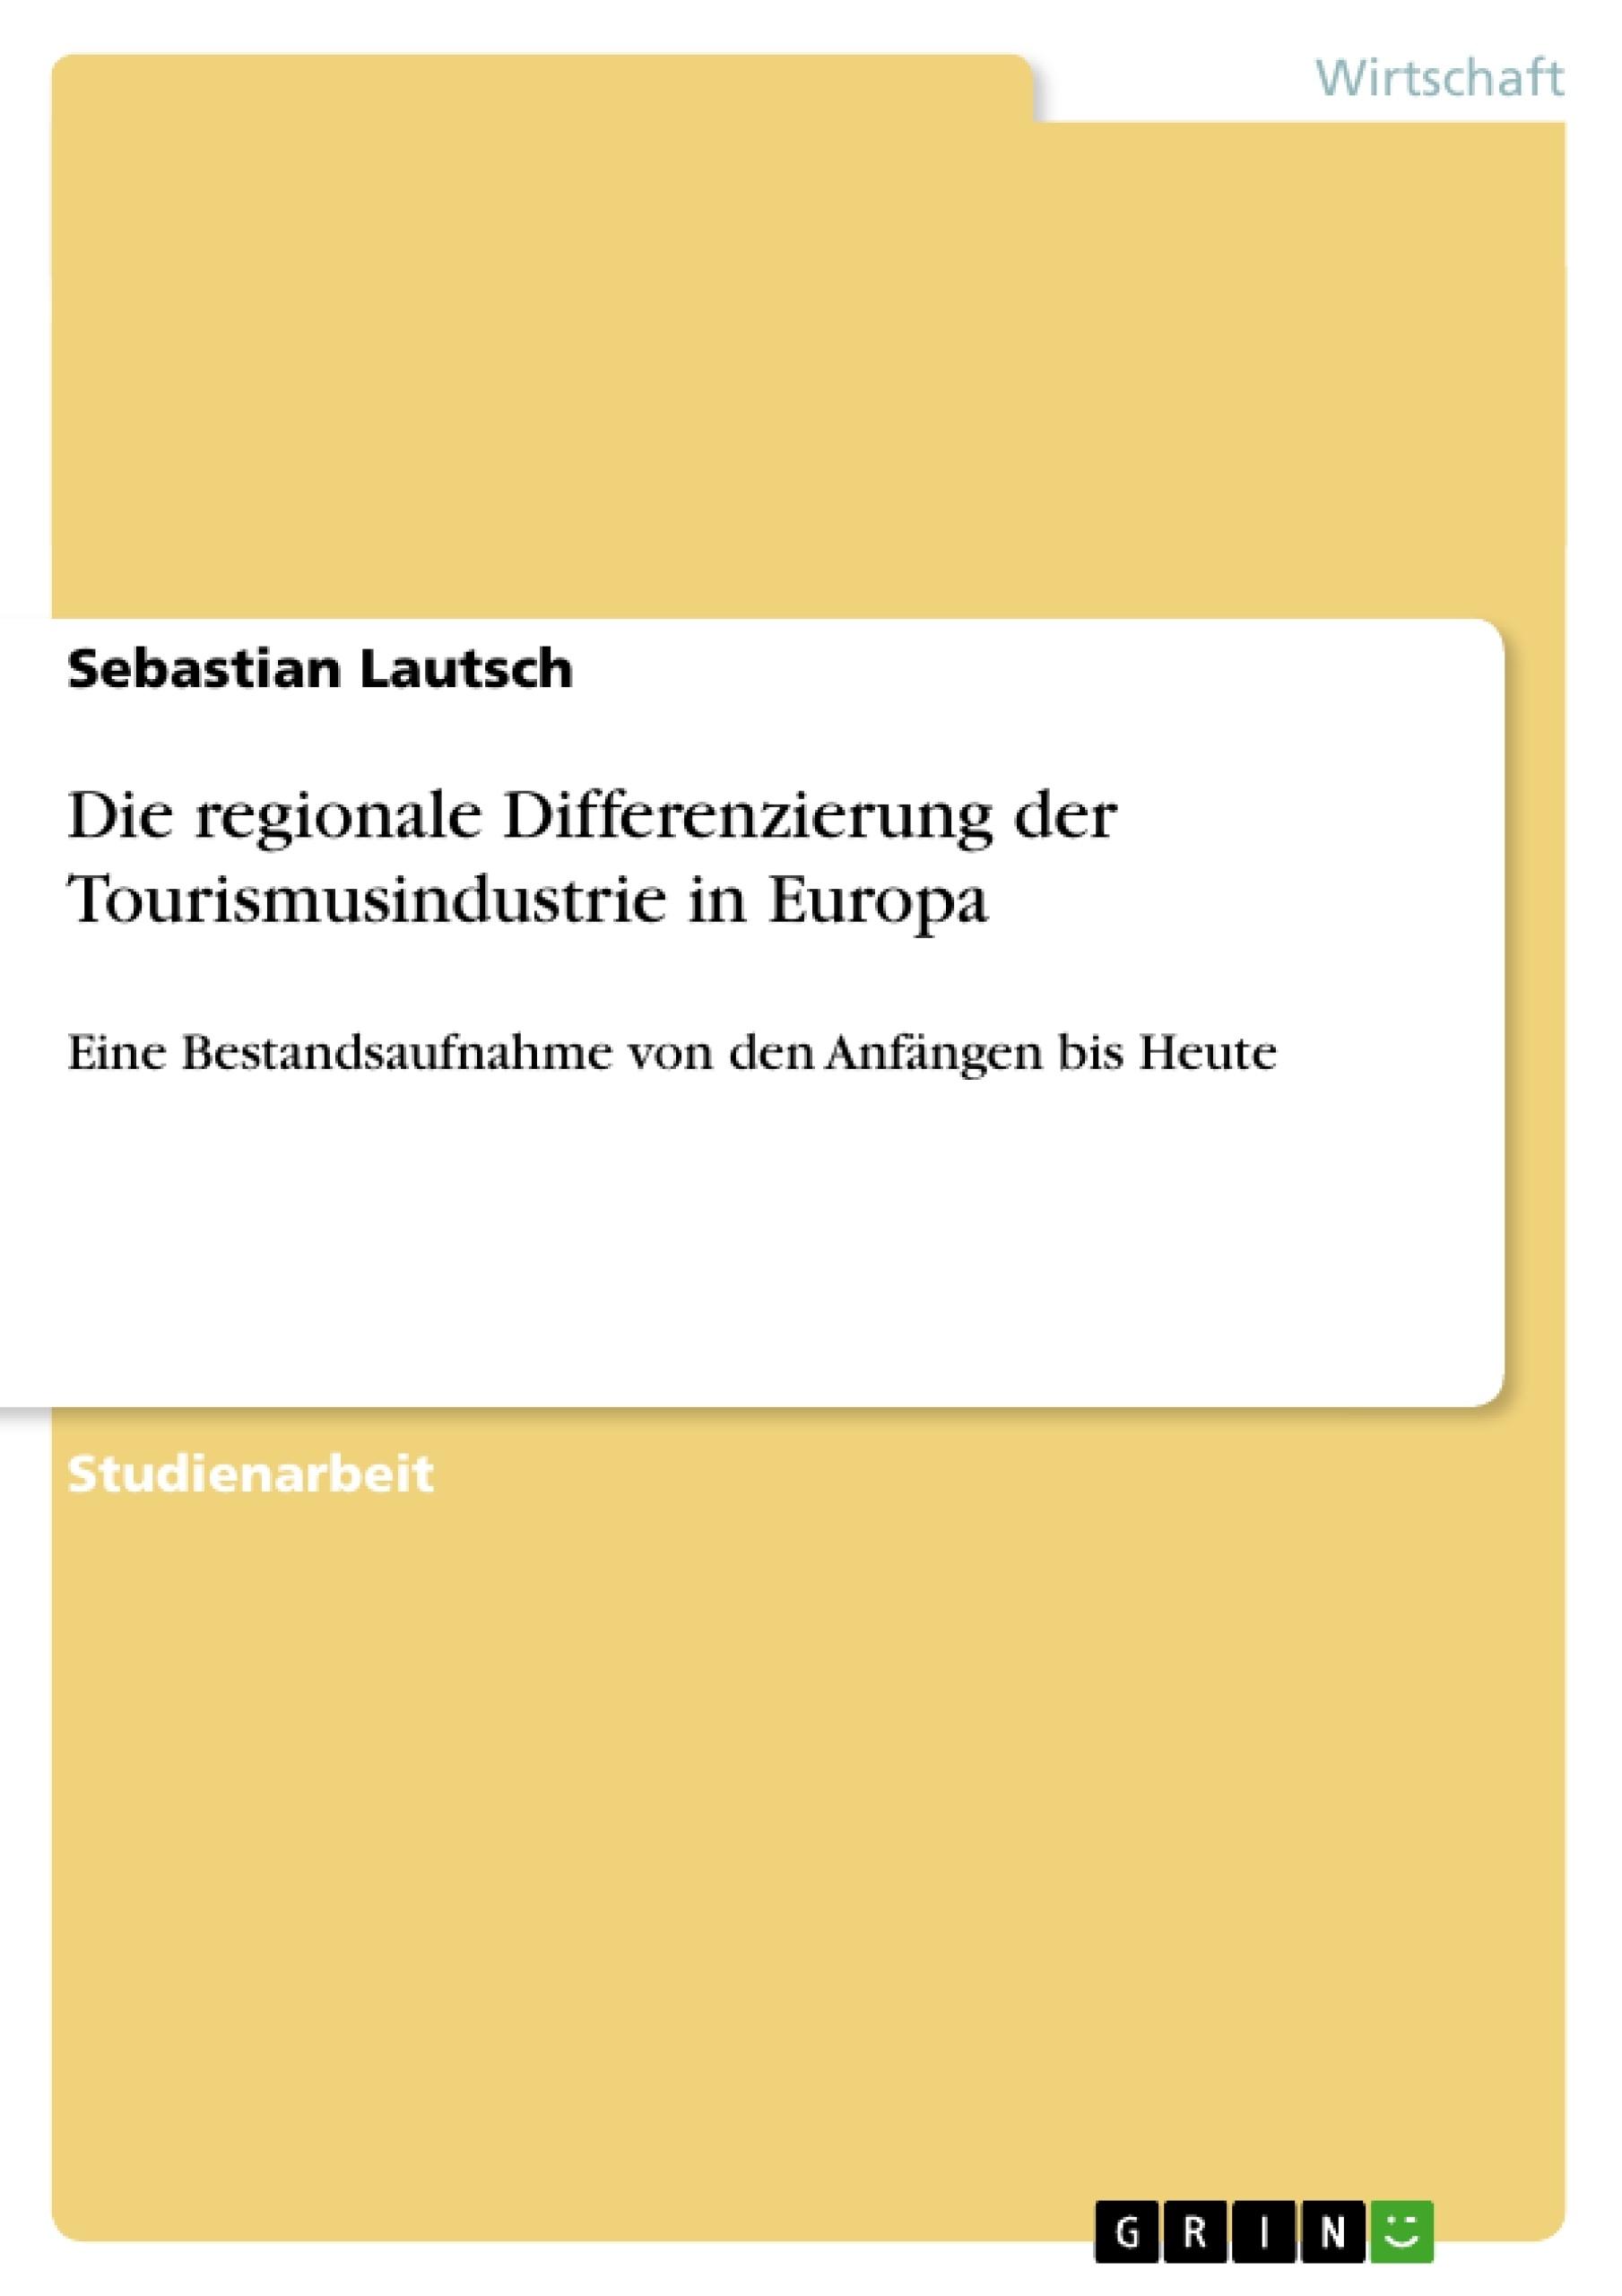 Titel: Die regionale Differenzierung der Tourismusindustrie in Europa